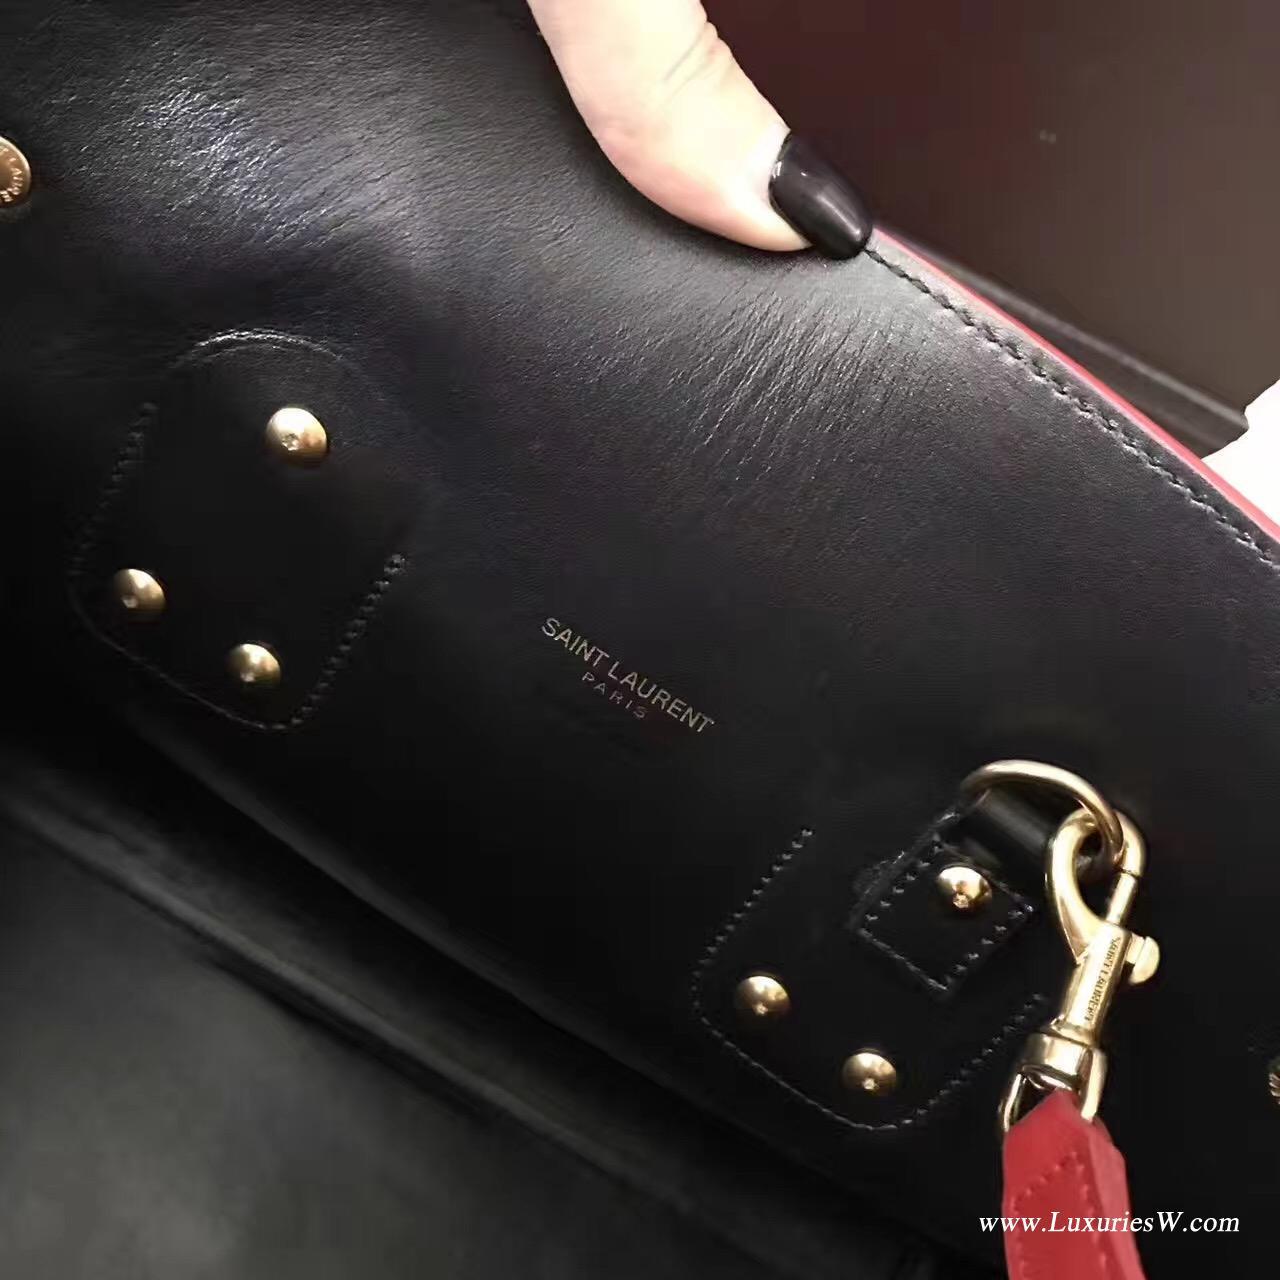 聖羅蘭YSL經典小號SAC DE JOUR和红色皮革手袋